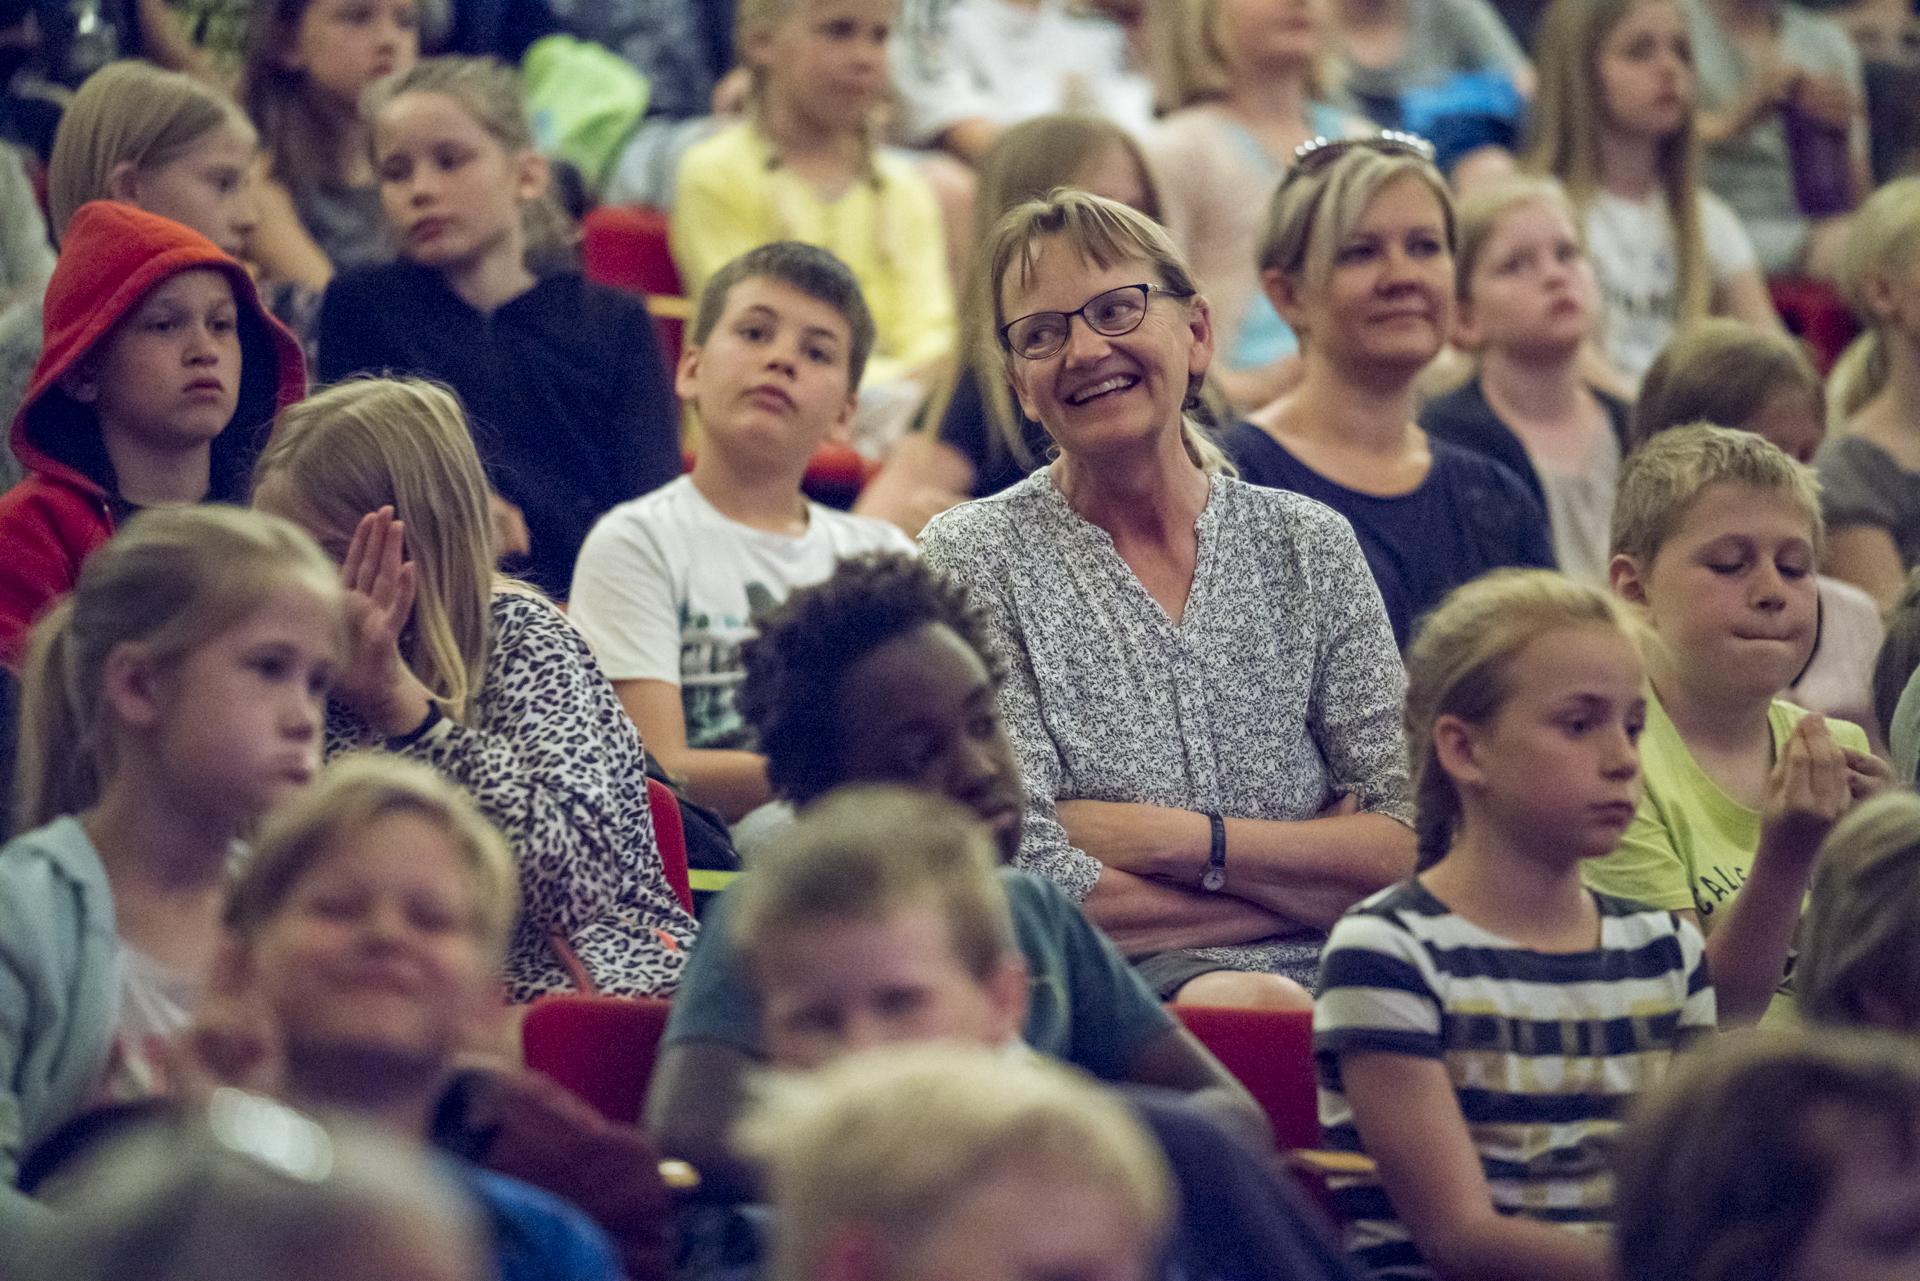 Sløngeldage fredag - web- Fotograf Per Bille-03170.JPG